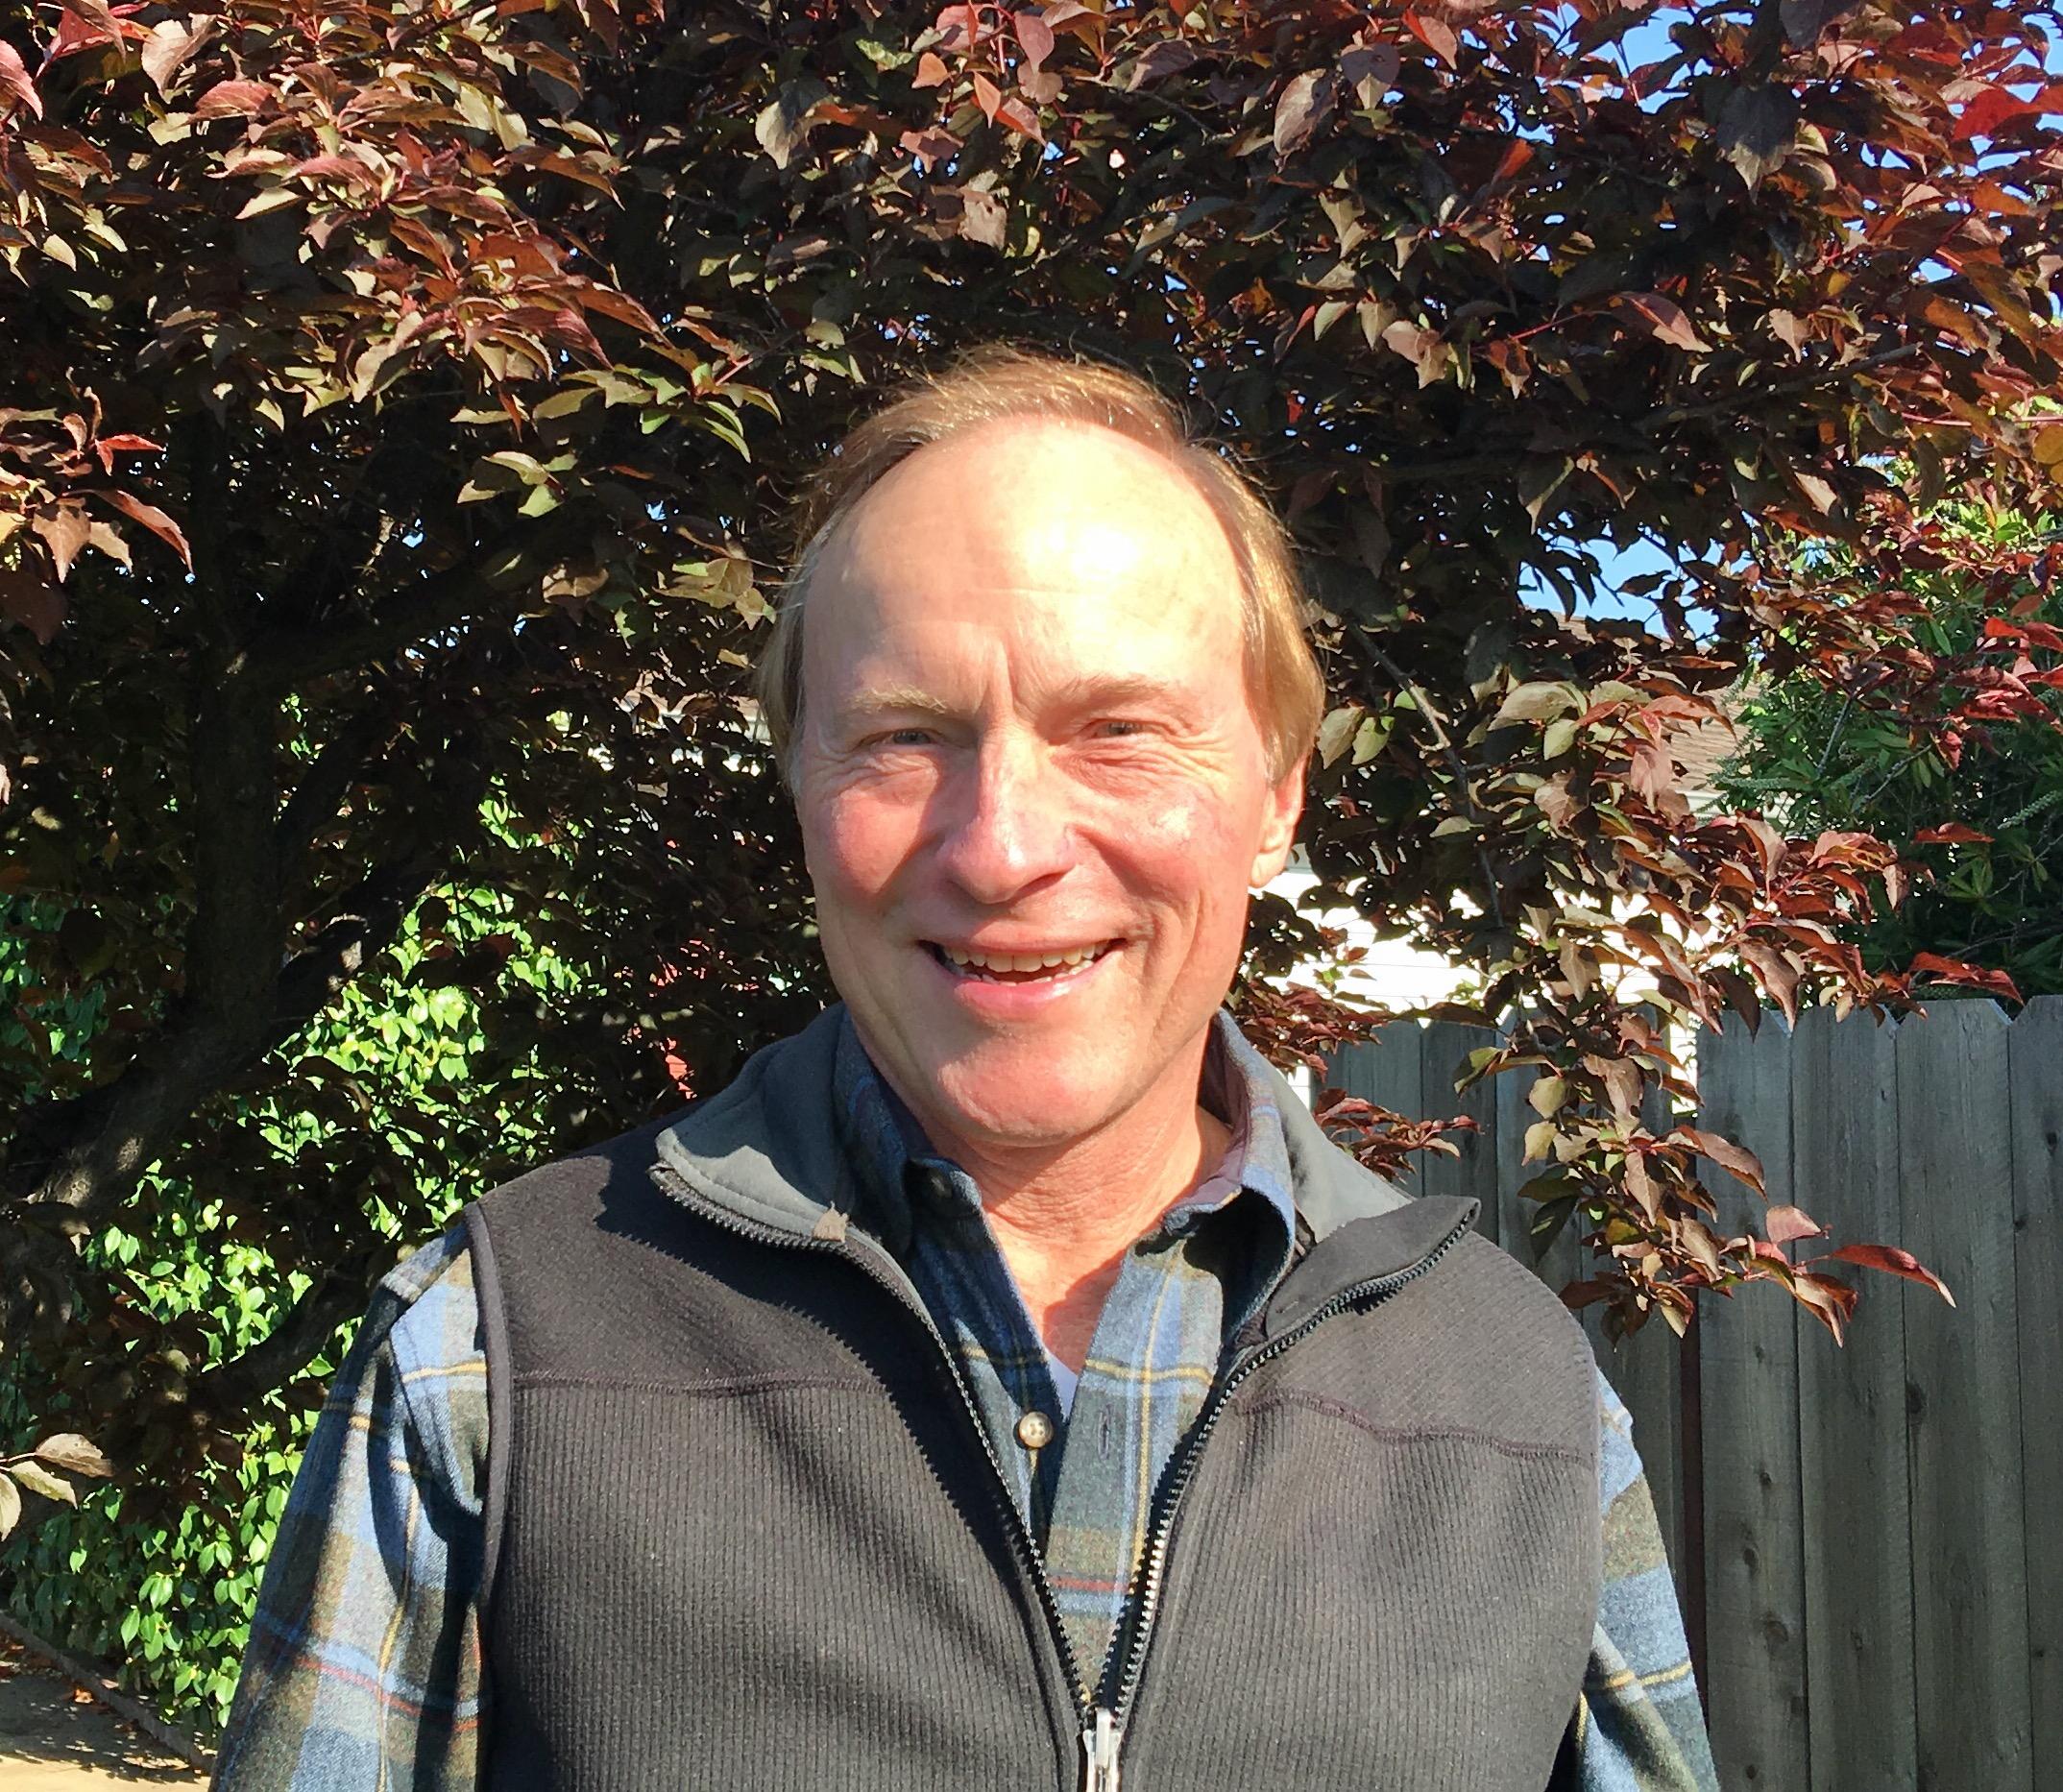 Steven Teeter - Program Manager, Founder